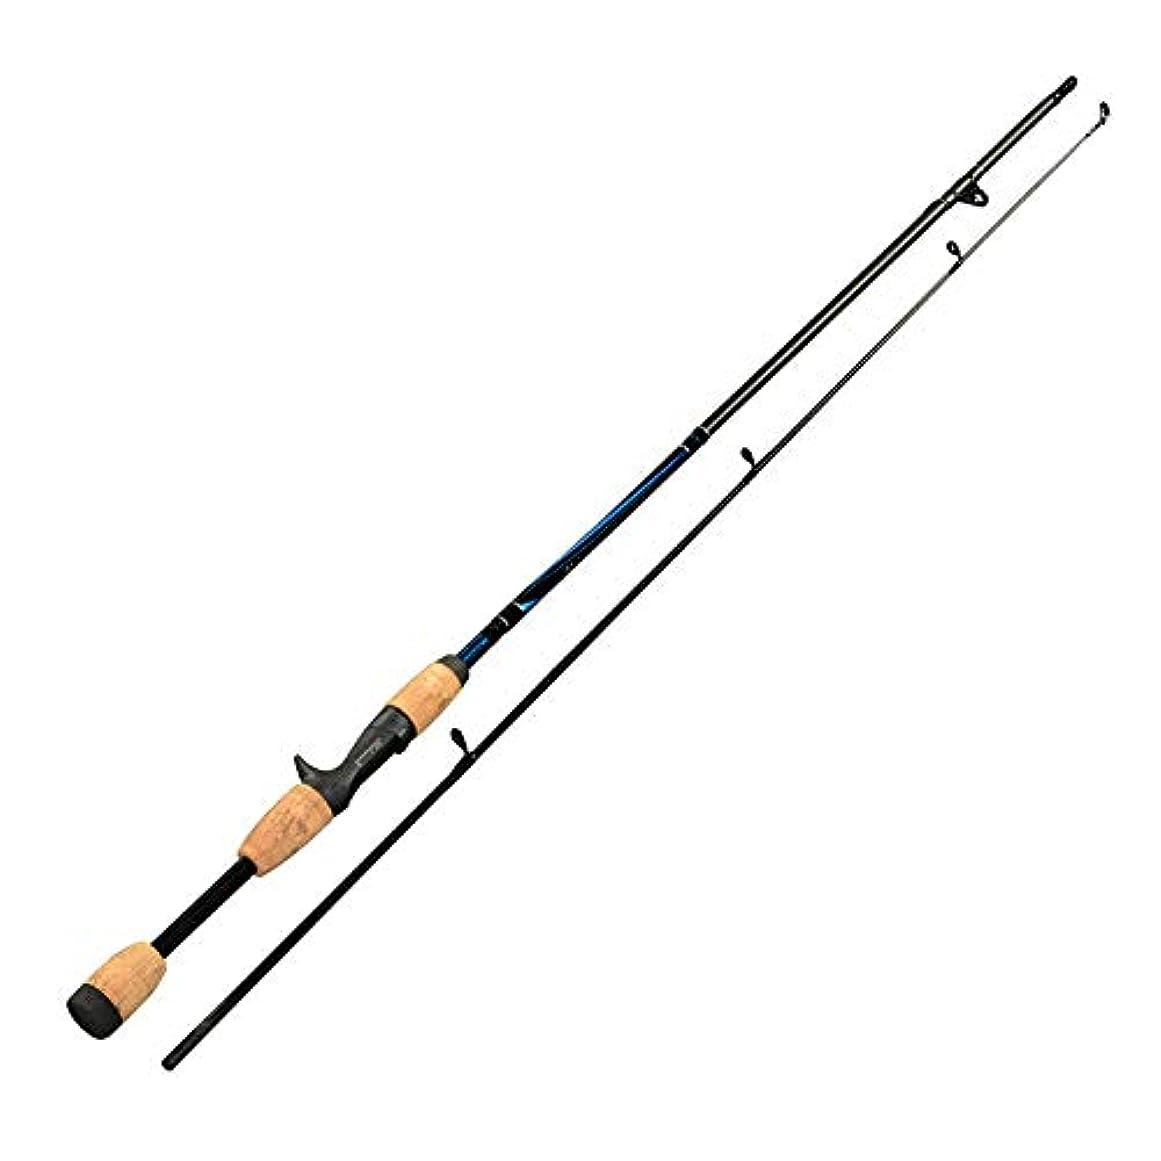 必須勉強する悲観的Takimi 炭素繊維製釣り竿 シーバスロッド スピニングモデル ツール収納袋付き 木製ハンドル ベイトロッド ファーストキャスト シーバス ベイトリール ジギング クロスビート ロッド ボーダレス 川釣り 釣具